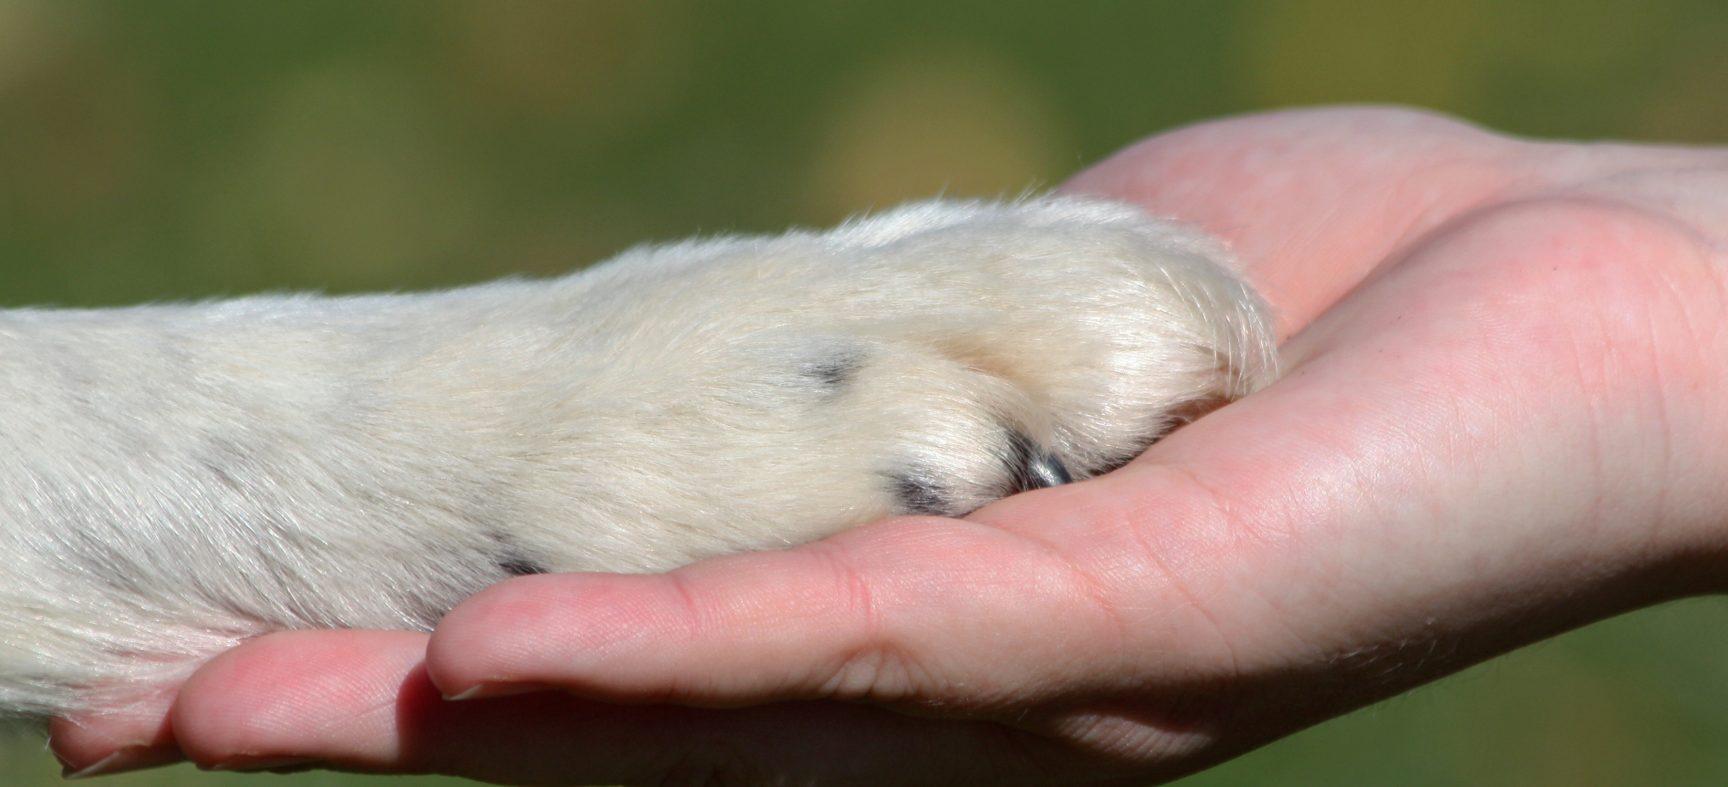 LES TERMES « SPECISME » ET « CARNISME » EN DROIT ET ÉTHIQUE ANIMALIERS - CAPSULE DAQ N° 41